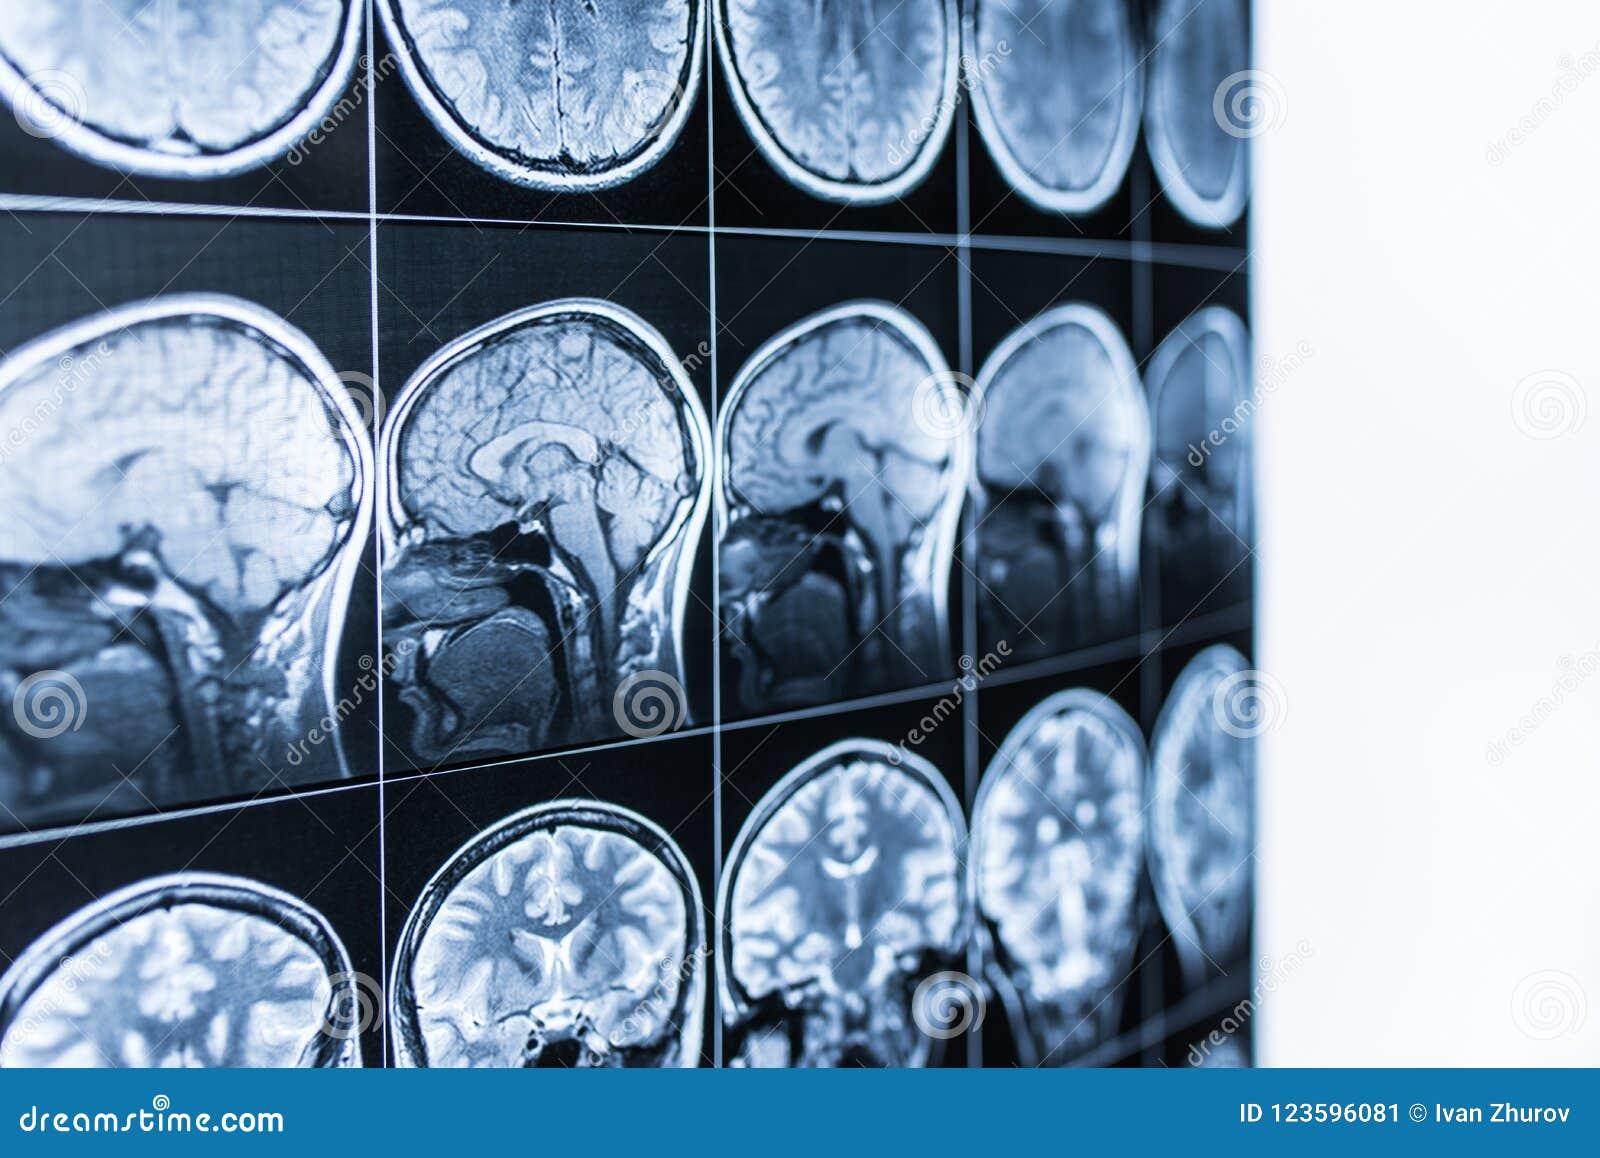 Ανίχνευση MRI του κεφαλιού και του εγκεφάλου ενός προσώπου στο defocus